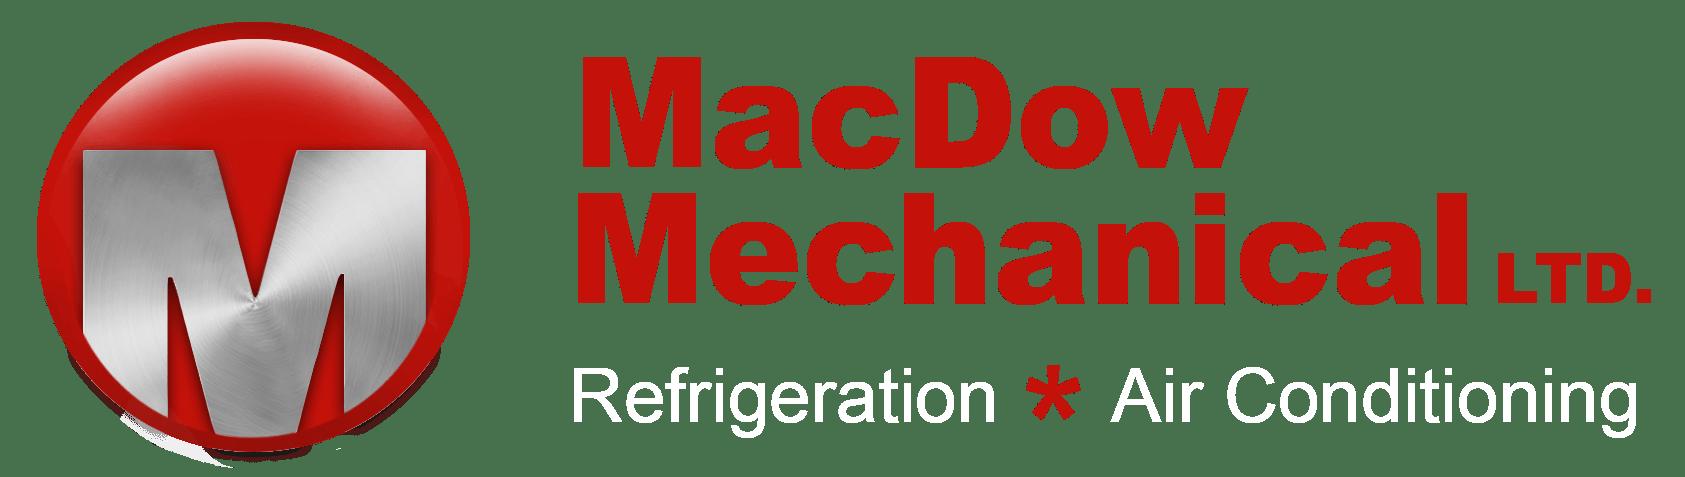 Macdow Mechanical